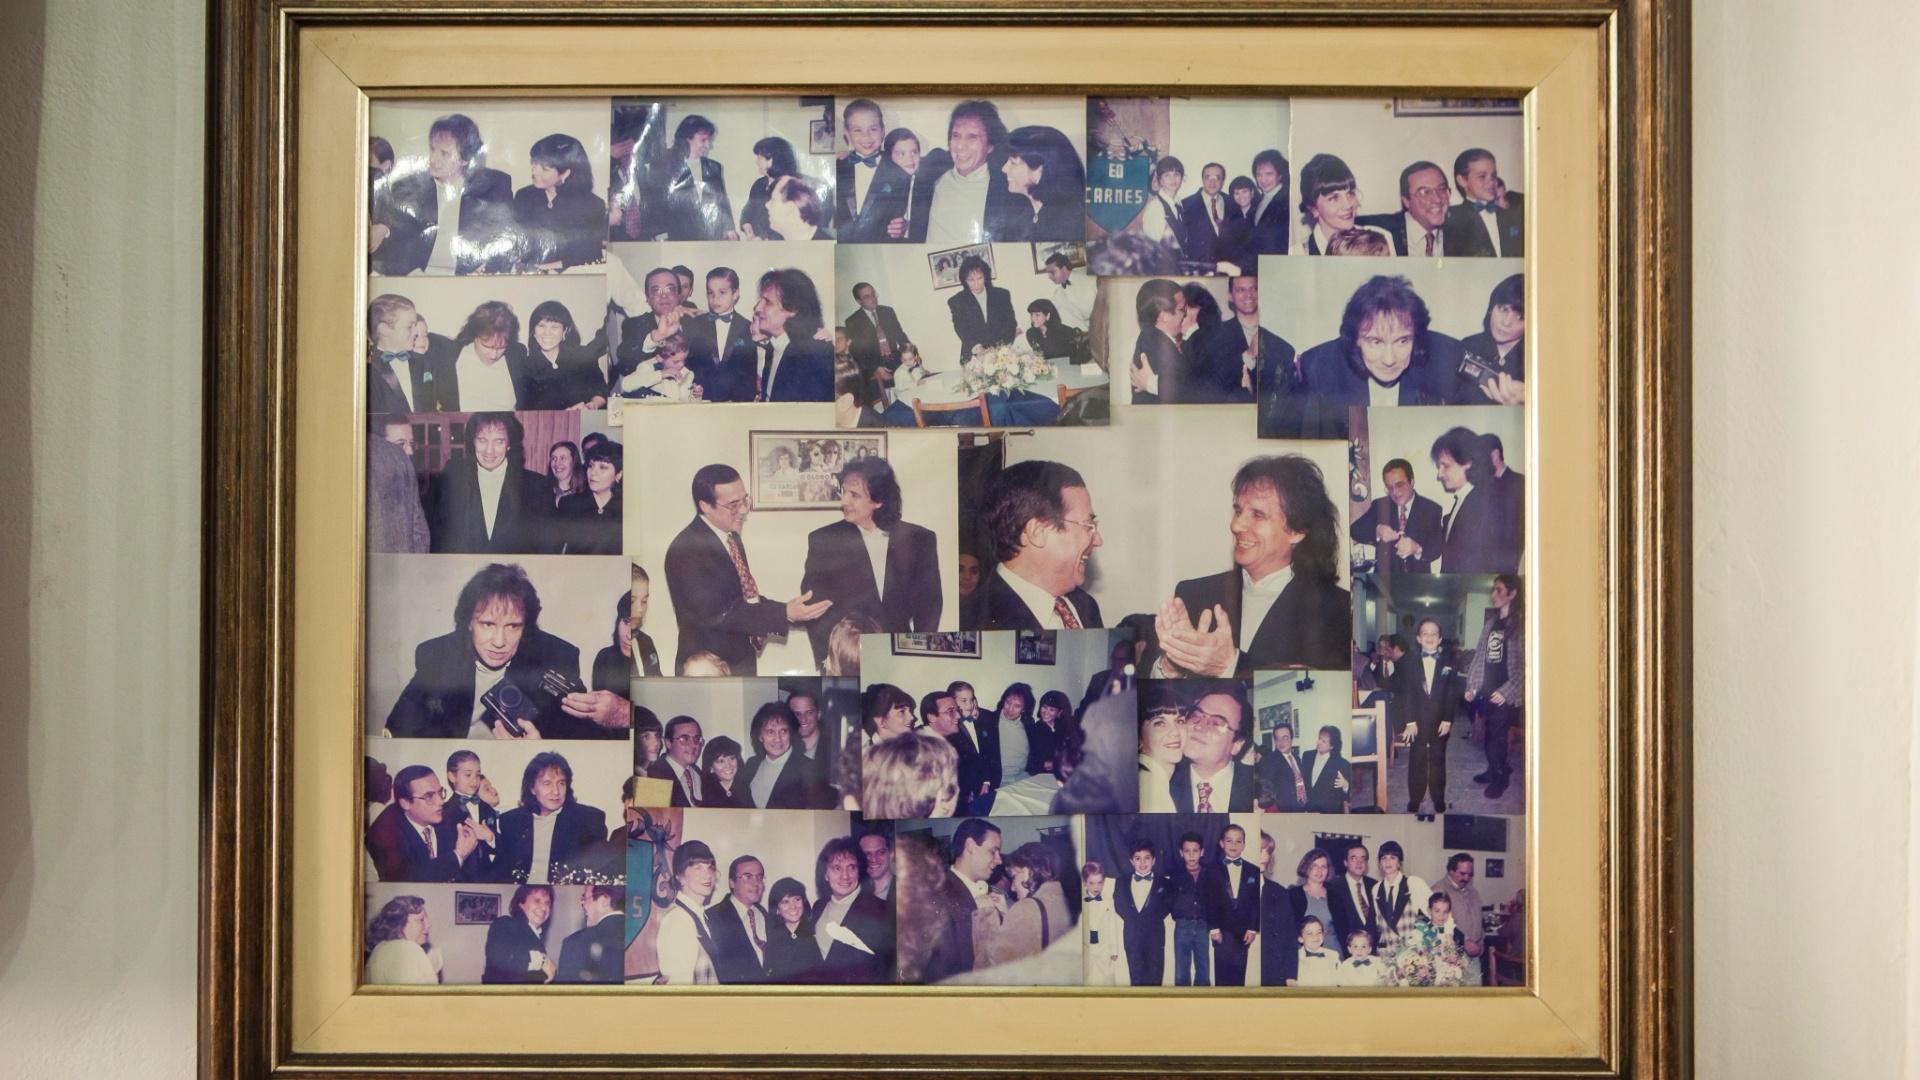 Fotos do cantor Ed Carlos, que estão expostas na parede de seu restaurante Ed Carnes